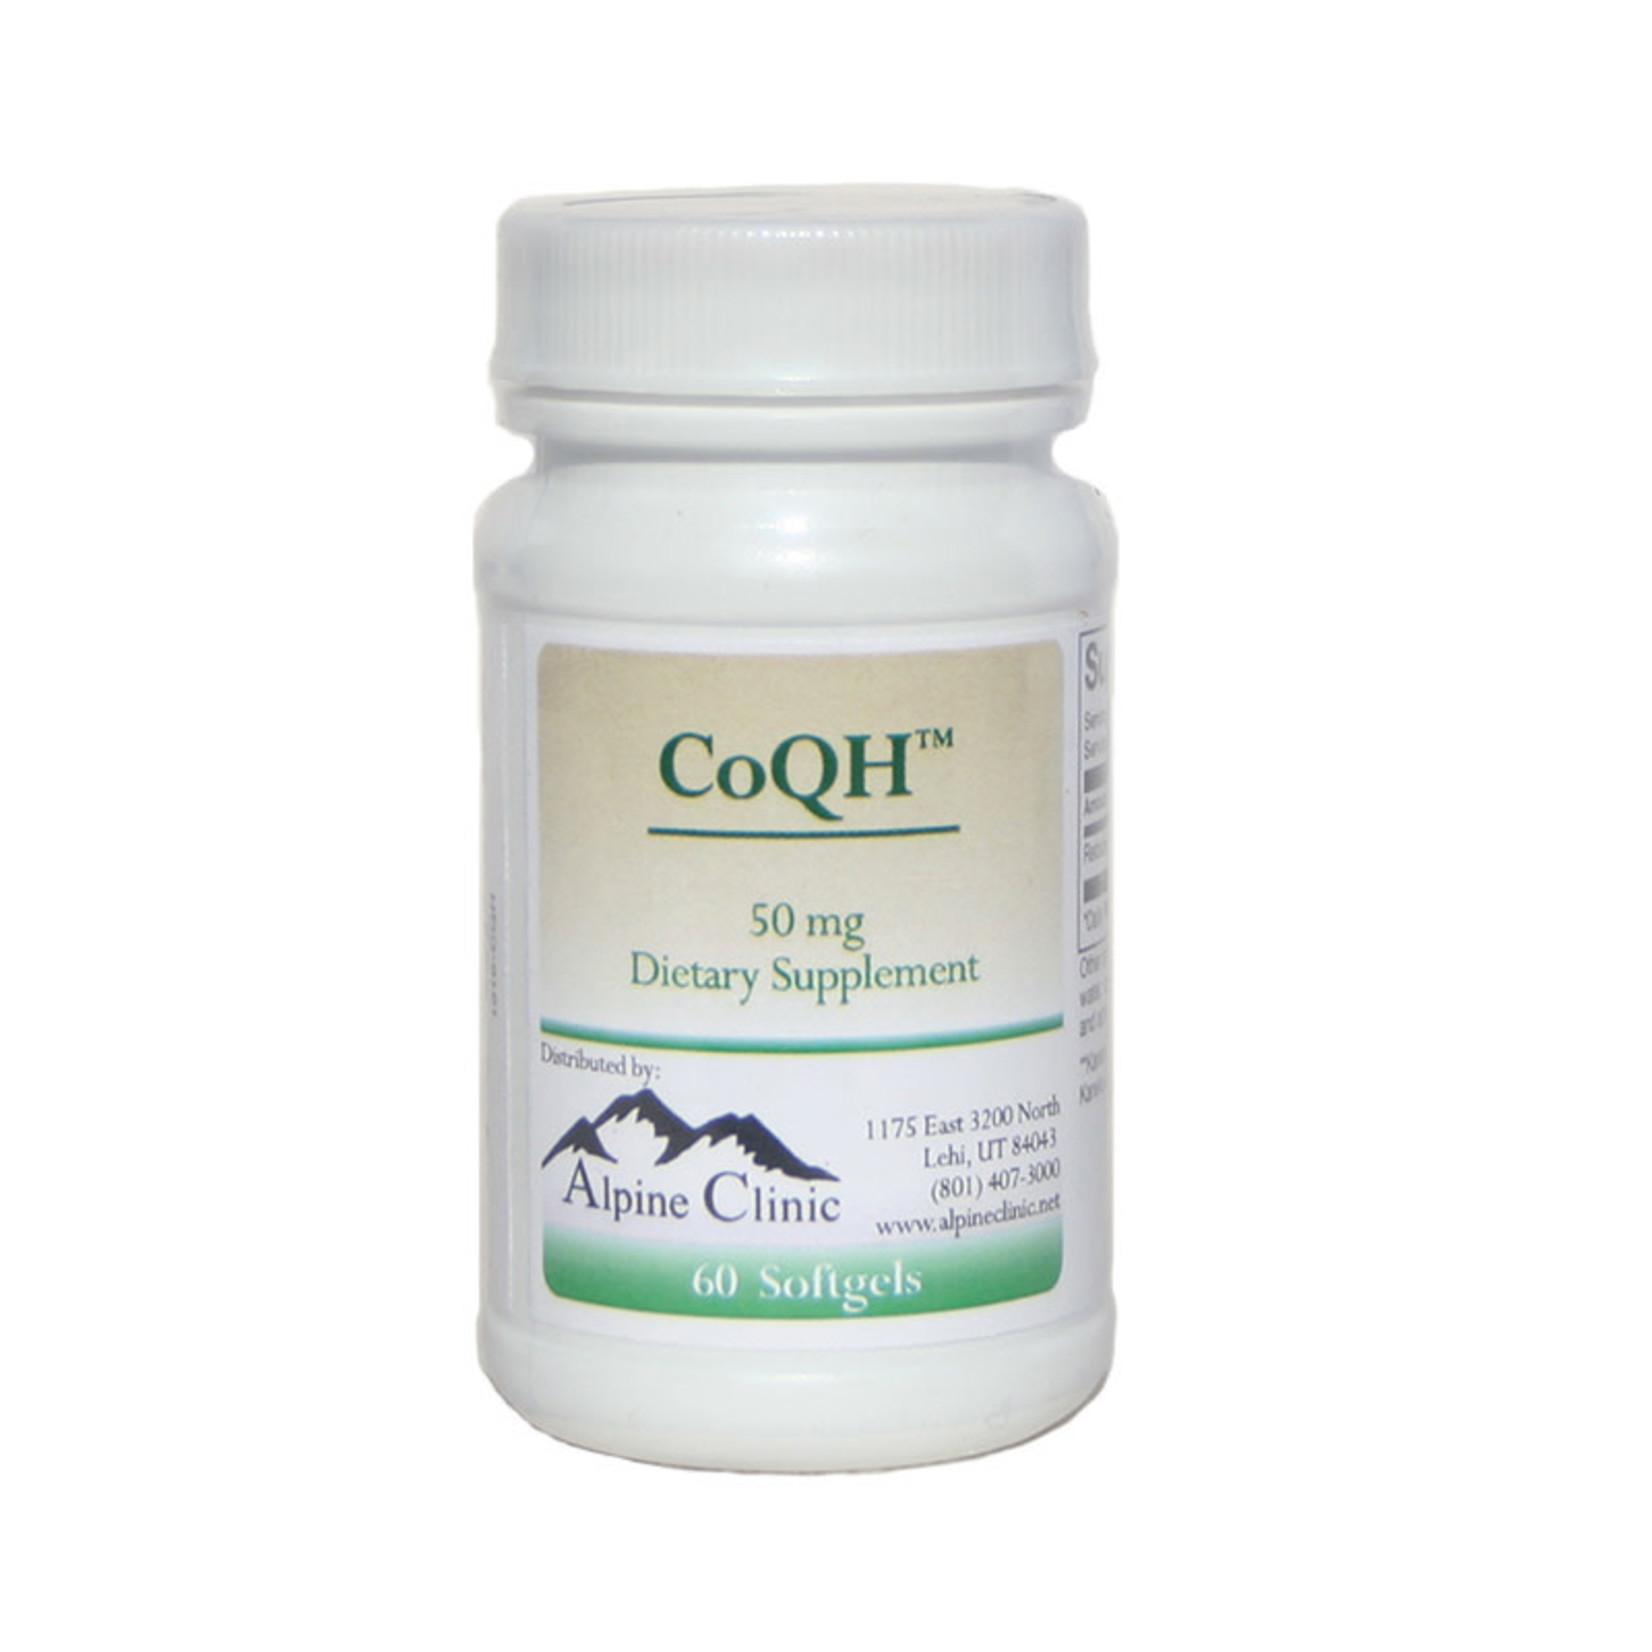 Alpine Clinic Private Label CoQH